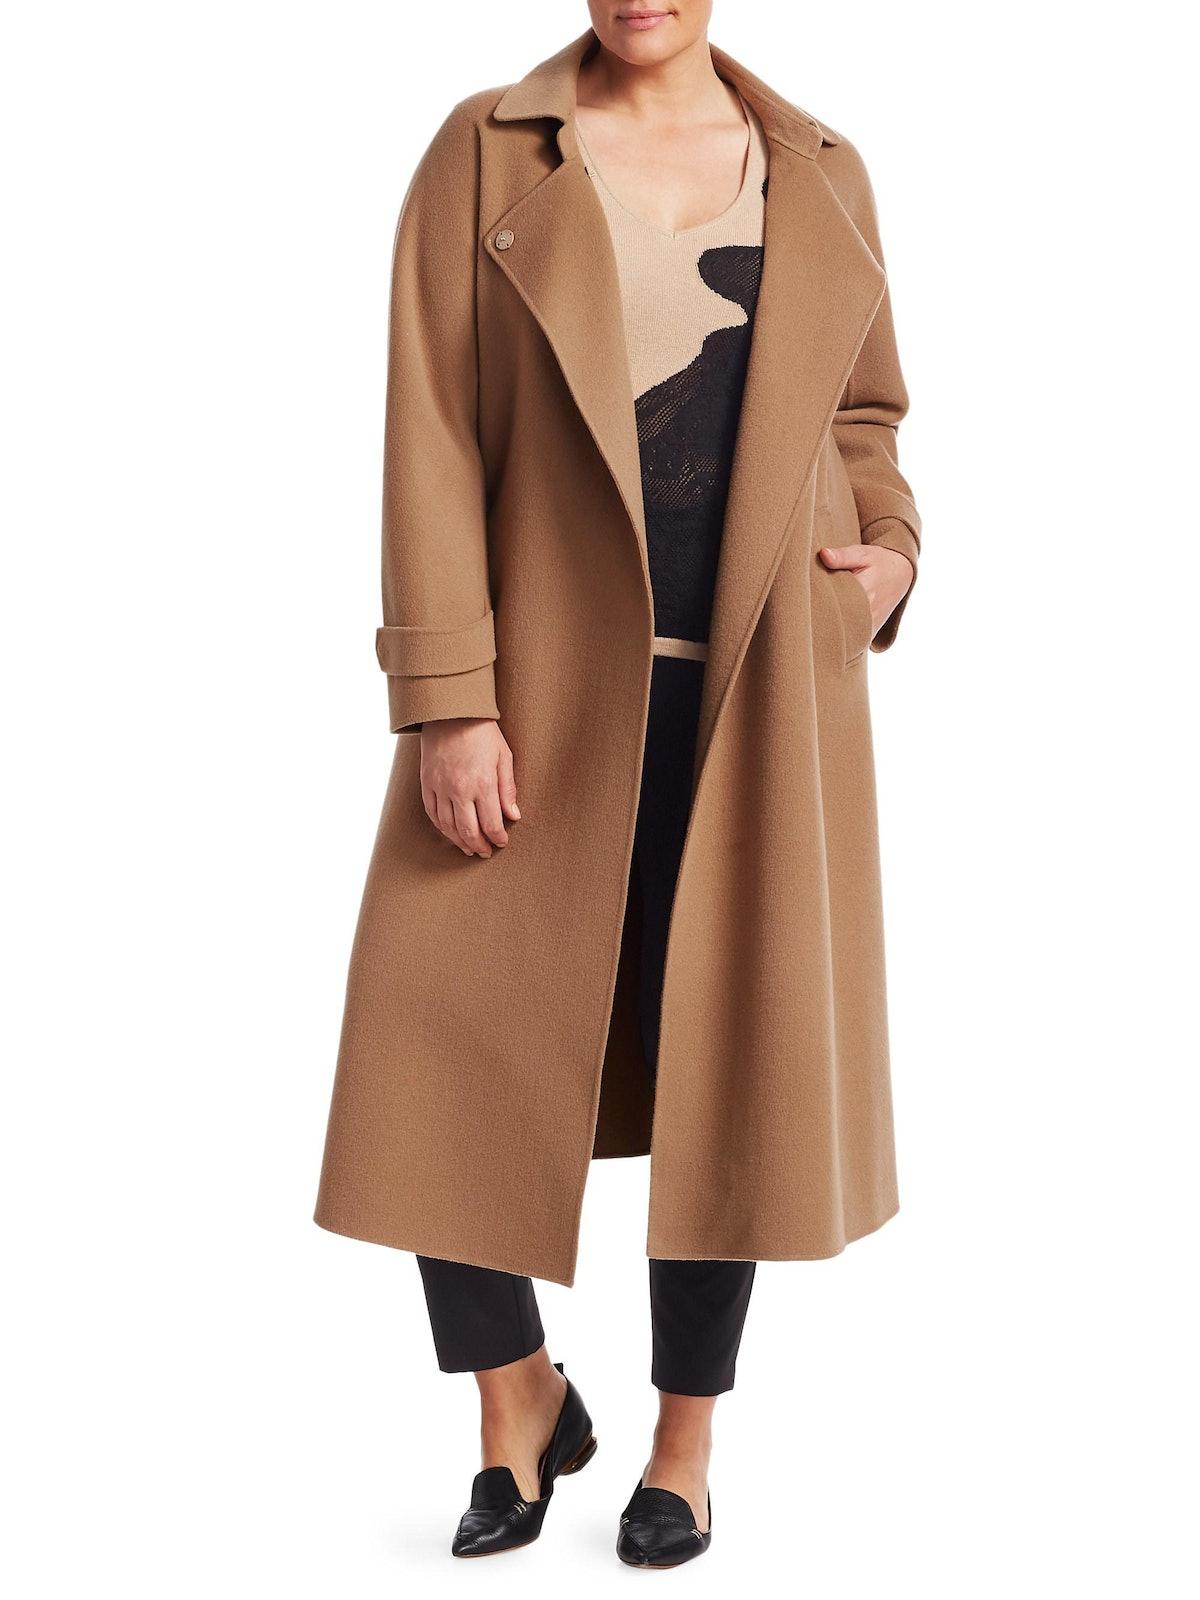 Plus Size Trionfo Wrap Camel Coat